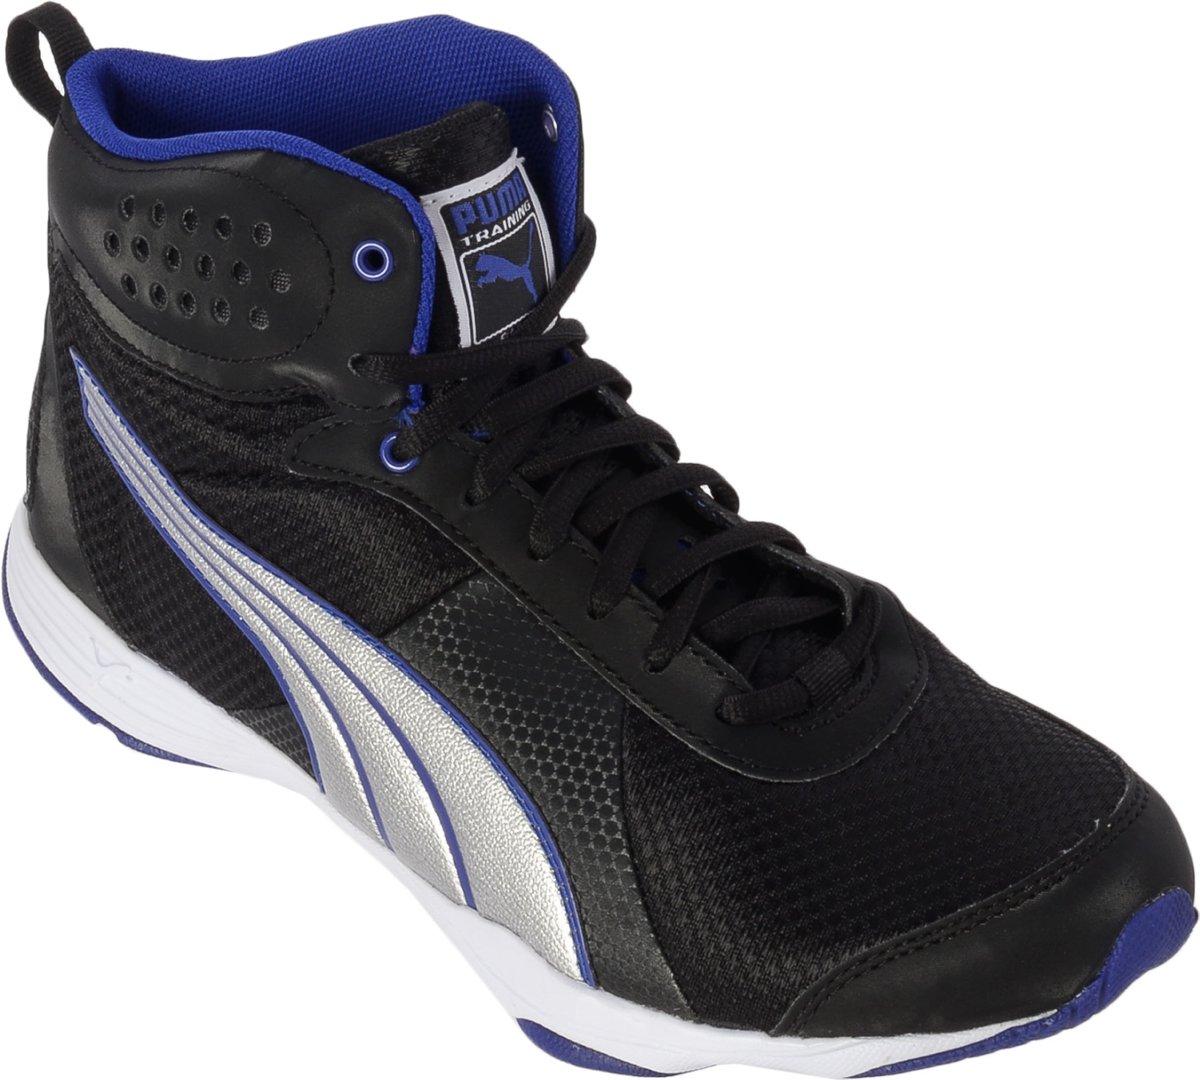 Pumas - Formateur Flex Mi Wn - Femmes - Chaussures - Noir - 37 whl4QXv6H